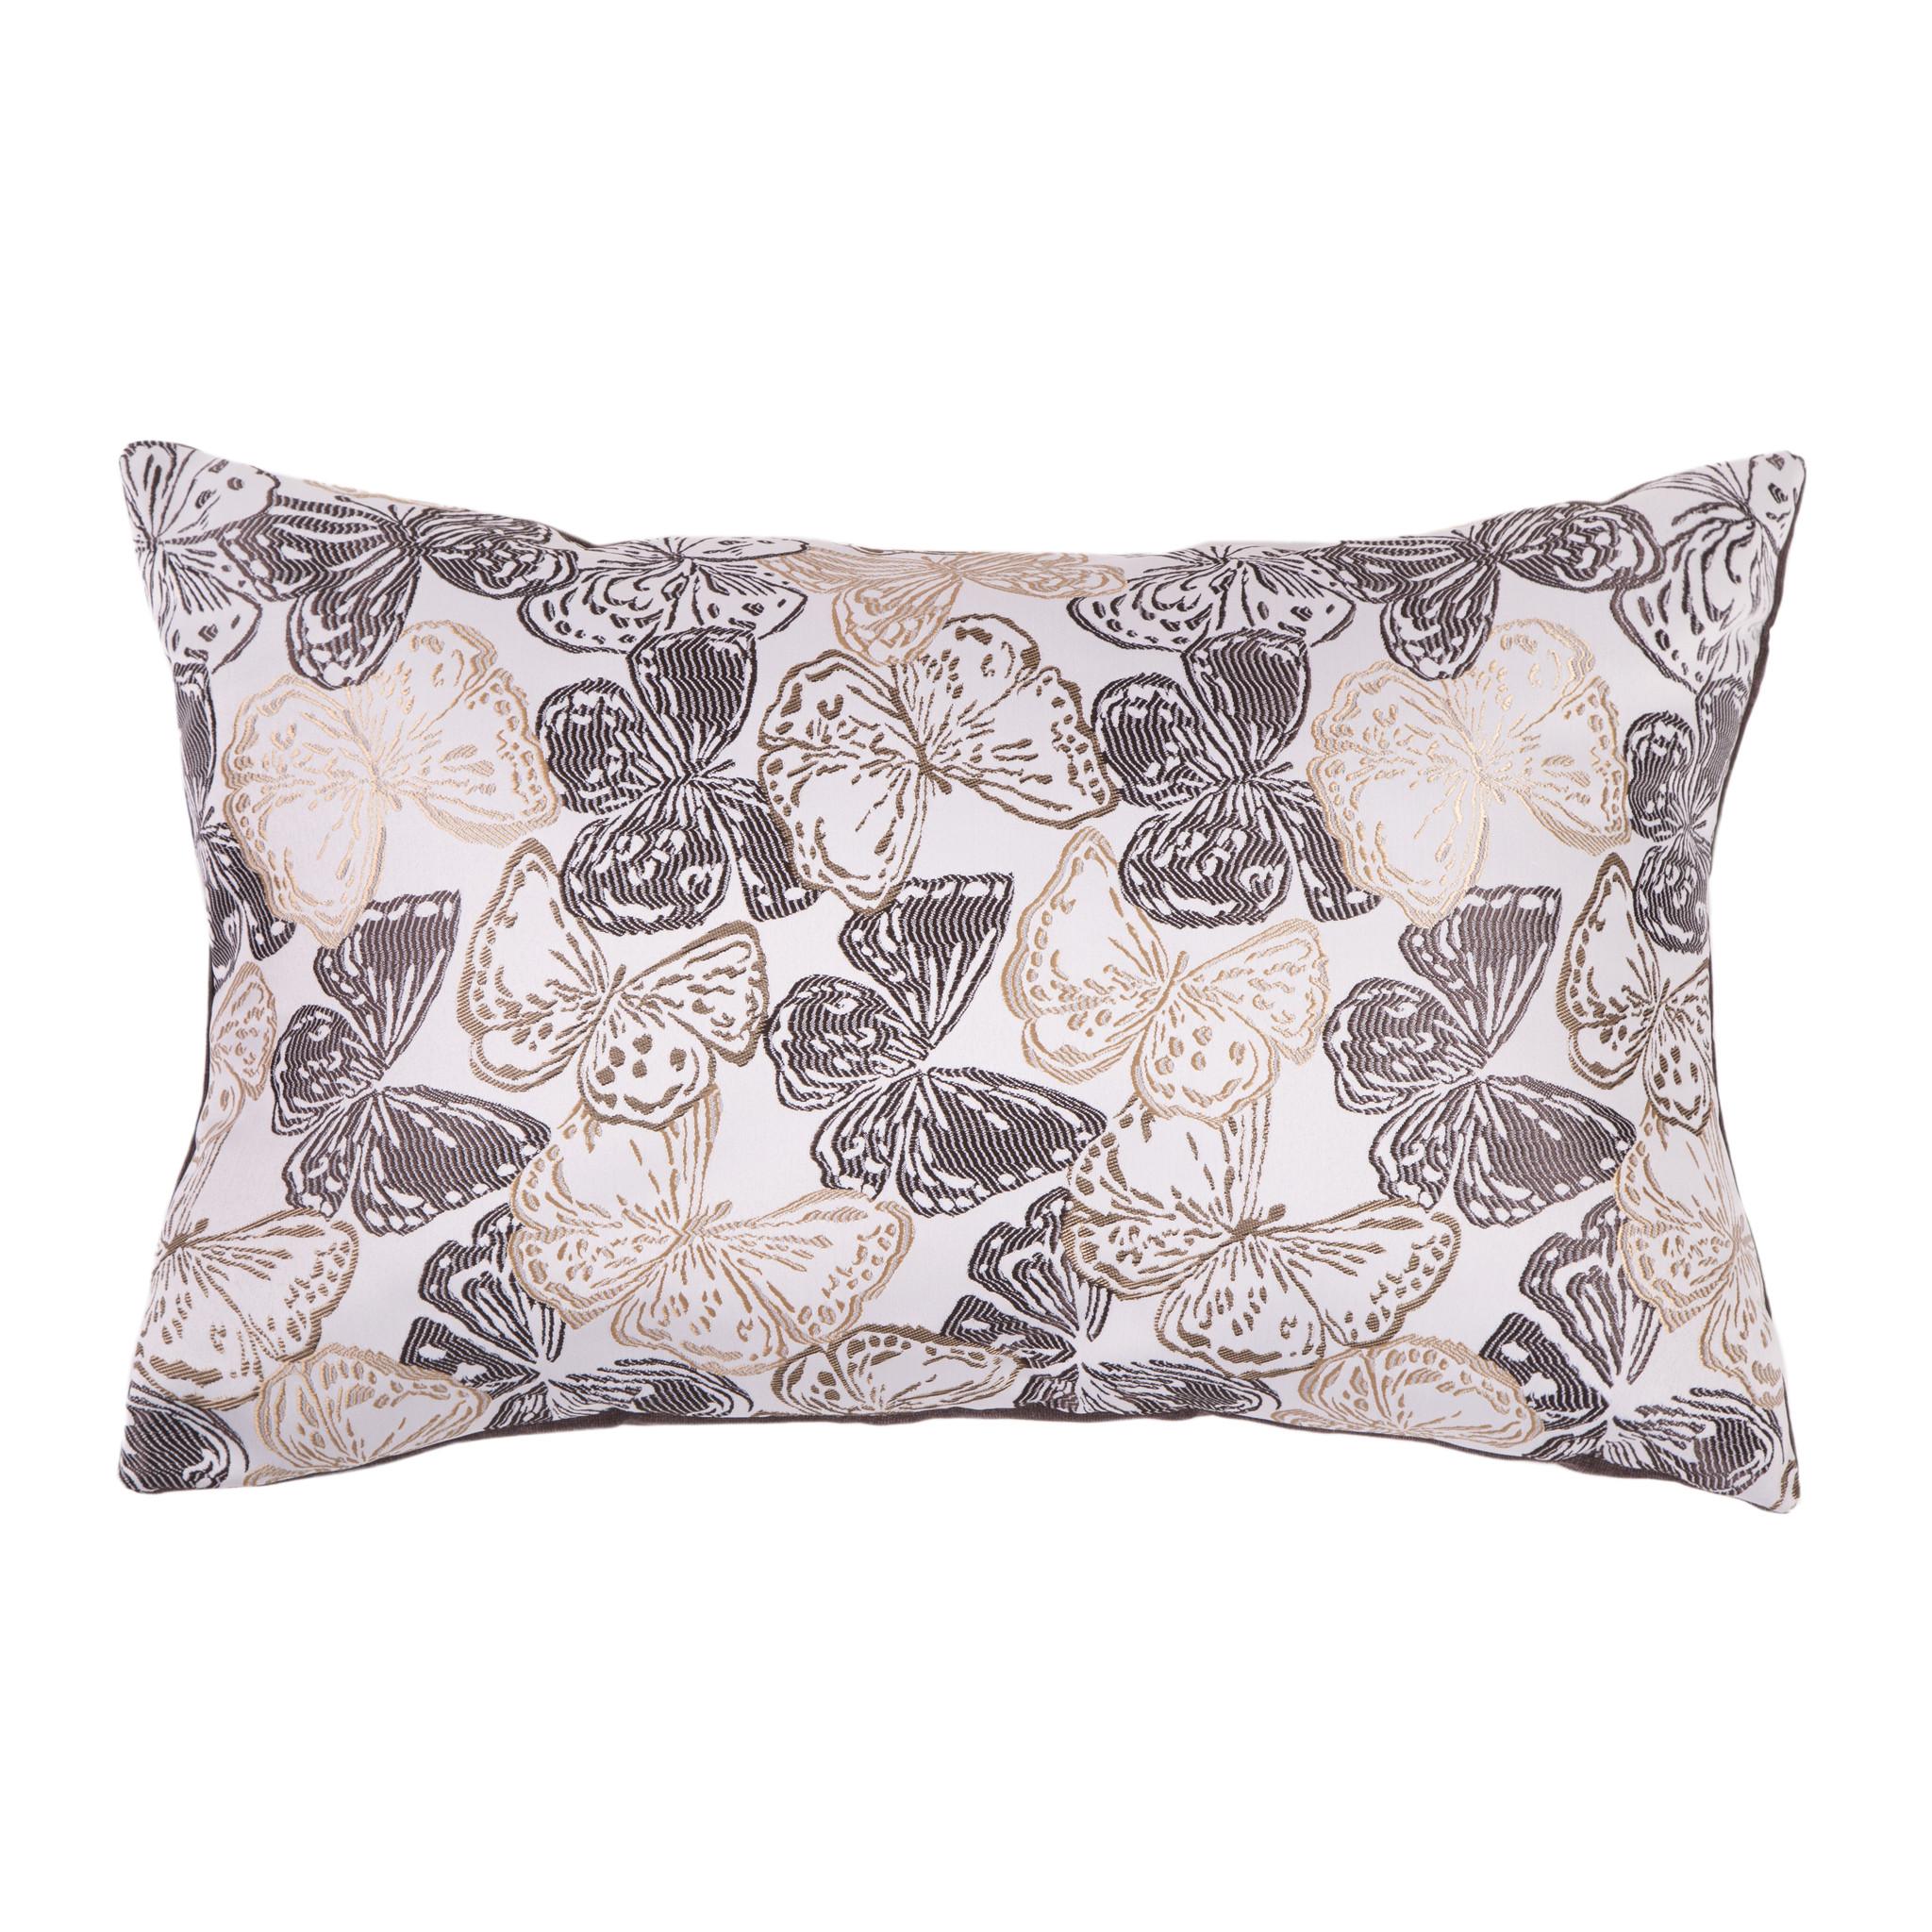 Подушка Шоколадные бабочкиПрямоугольные подушки и наволочки<br>Двусторонняя декоративная подушка &amp;quot;Шоколадные бабочки&amp;quot; станет ярким акцентом в вашем интерьере. На одной стороне принт с красочными бабочками солнечных тонов, на другой стороне - нежный велюр сделают пространство комнаты веселым и радостным.  Высококачественный материал приятен для кожи и безопасен даже для самой чувствительной кожи.  Оригинальный дизайнерский принт сделает пространство стильным и своеобразным.  Красивый рисунок на ткани станет ярким акцентом в вашем декоре.<br><br>Material: Текстиль<br>Length см: None<br>Width см: 60<br>Depth см: 10<br>Height см: 40